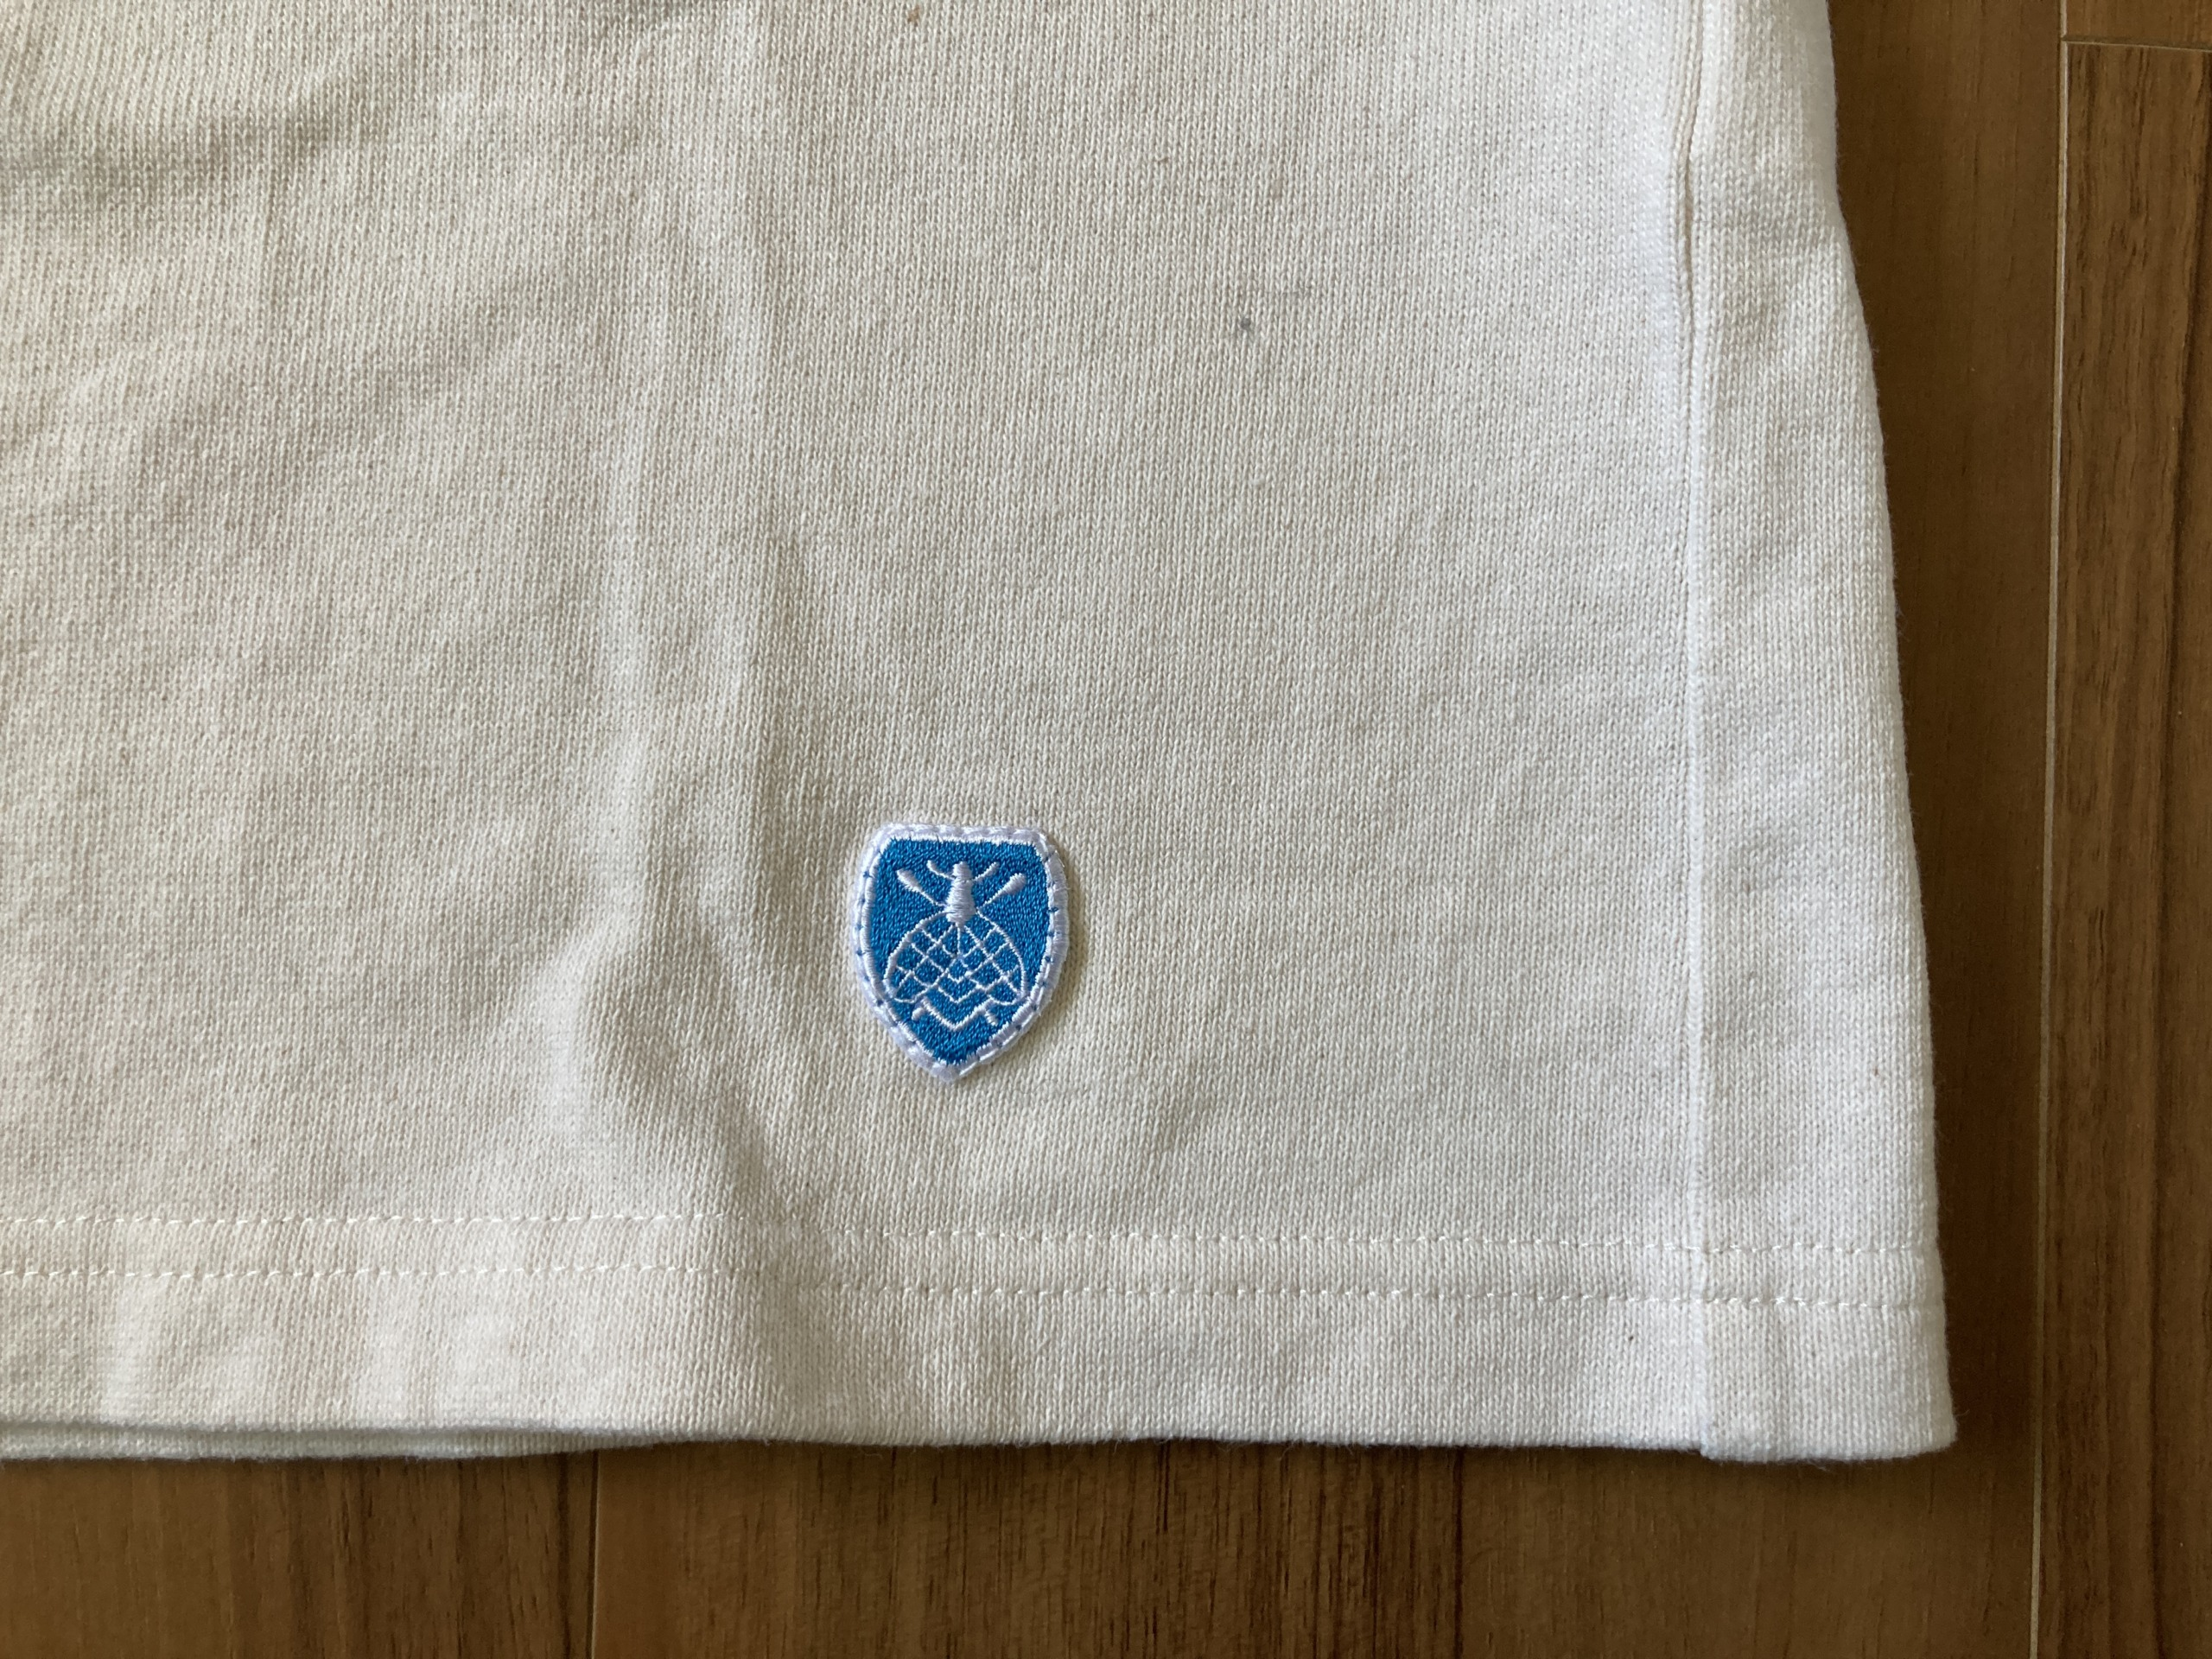 オーシバル コットンロード Orcival バスクシャツ 4回洗濯後 エンブレム